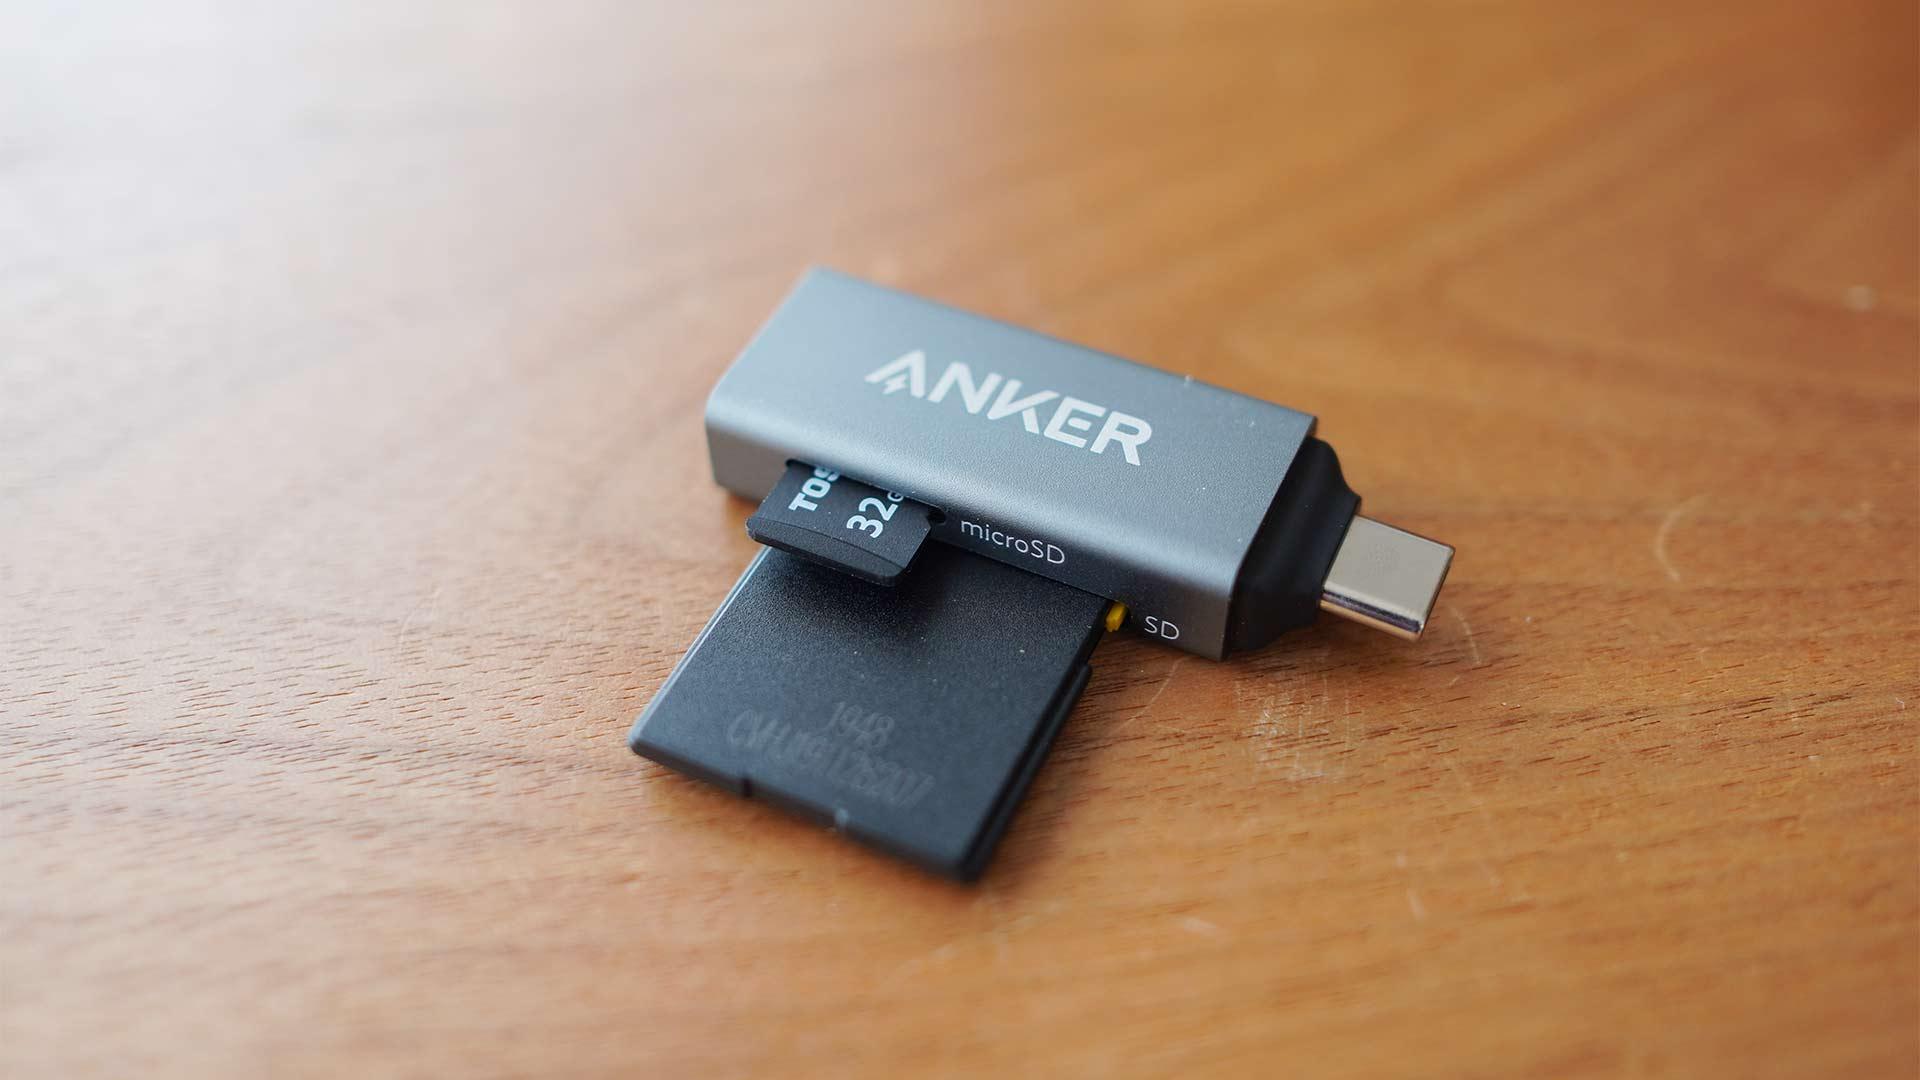 SDカードリーダー,メモリーカードリーダー,Anker,小さい,microsd,sd,持ち運びやすい